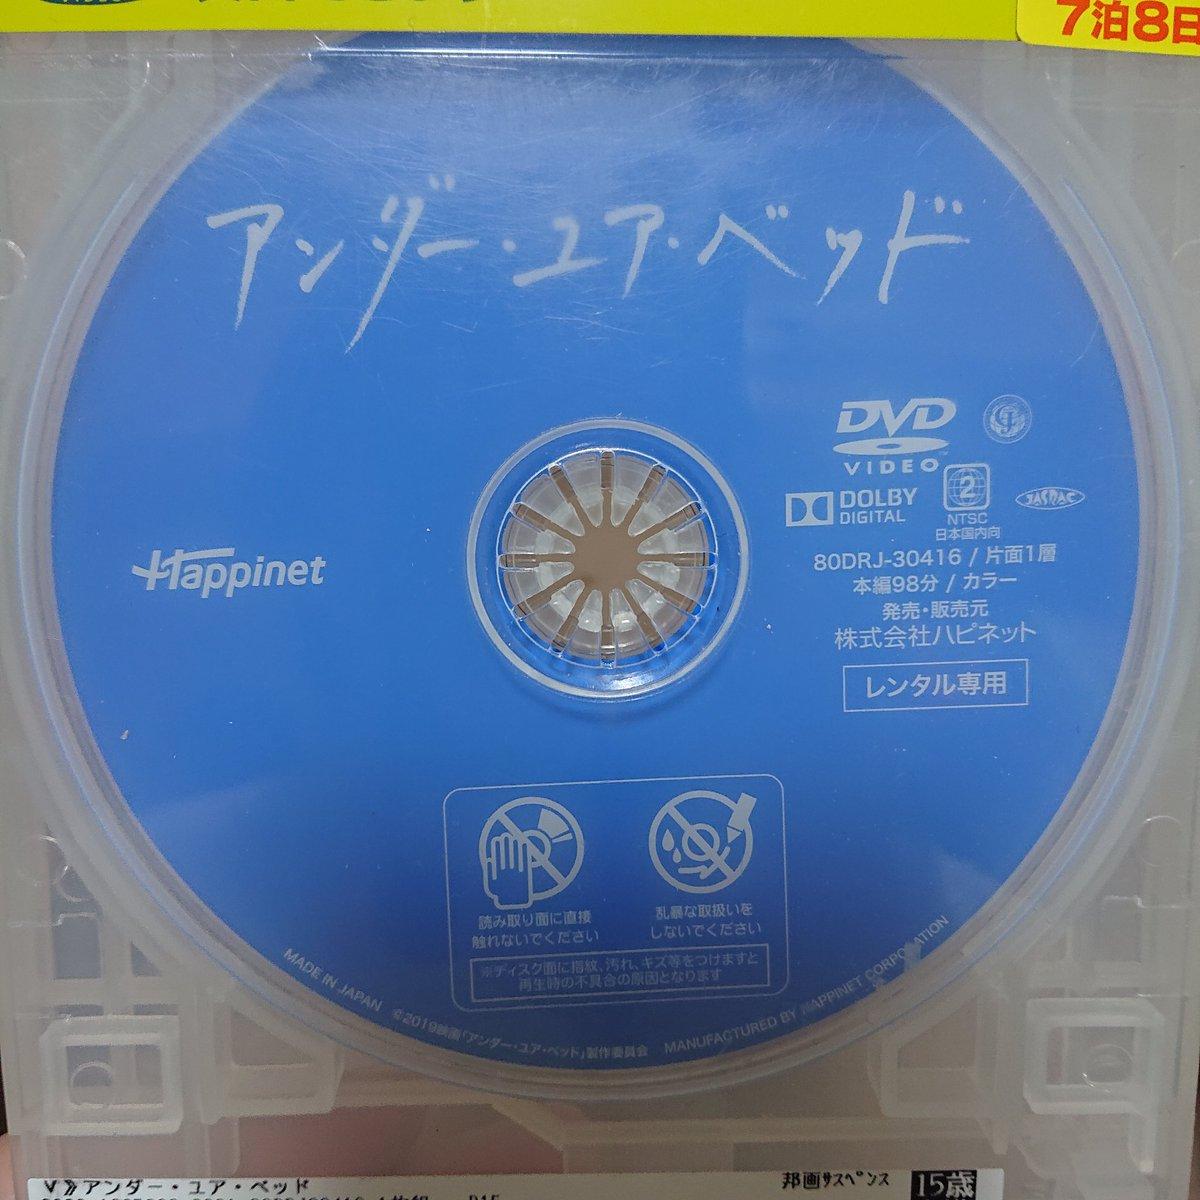 test ツイッターメディア - #映画 DVDにてアンダー・ユア・ベッドを観たよ(´;ω;`) 孤独、疎外、妄想、ストーキング、ドメスティック・バイオレンス、熱帯魚、呼ばれない名前、存在…  かつて、恋した人が不幸せだったらあなたはどうしますか? https://t.co/kHUpatxwdh